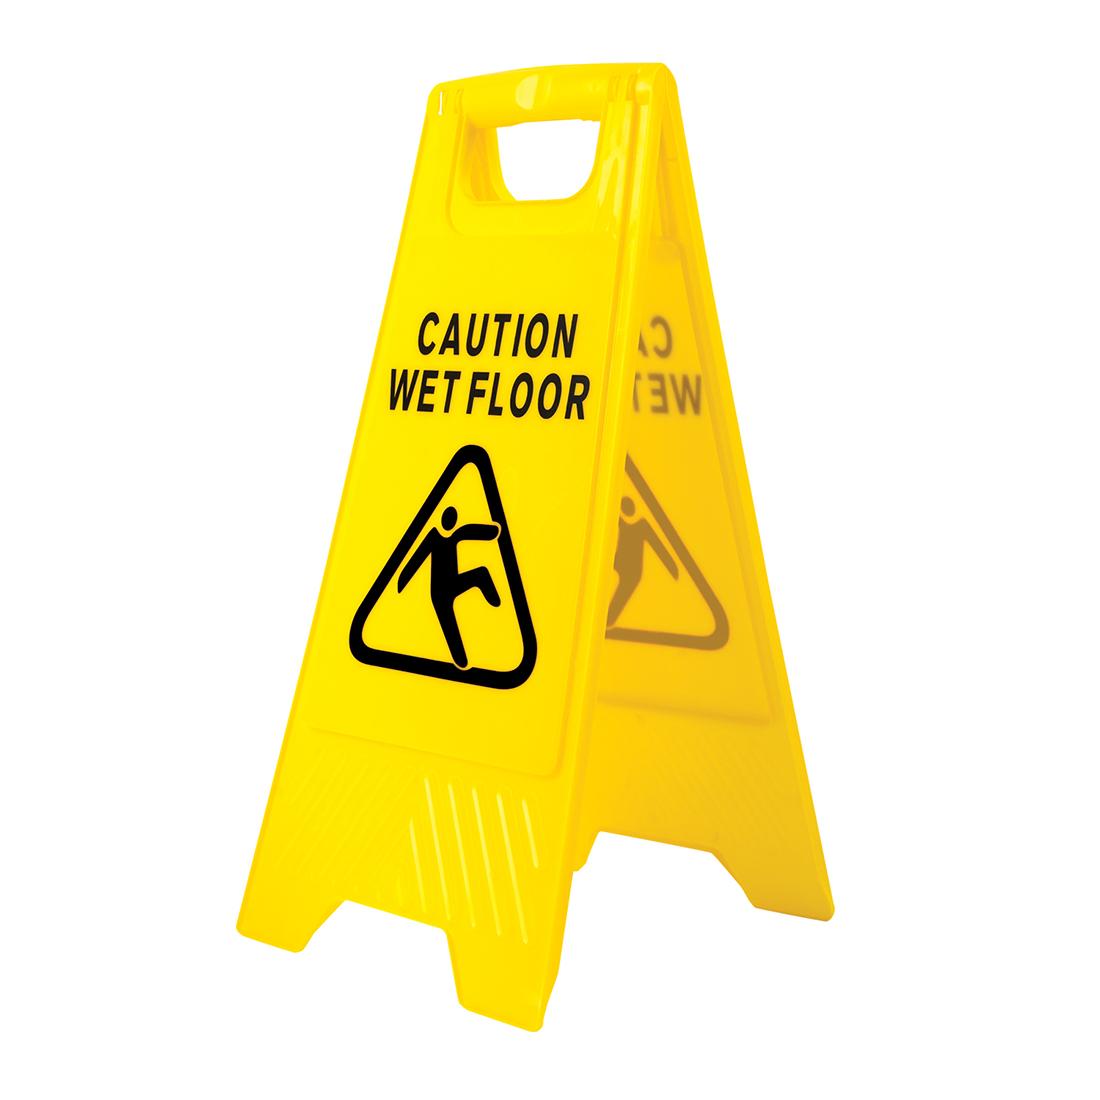 Portwest Wet Floor Warning Sign - HV20